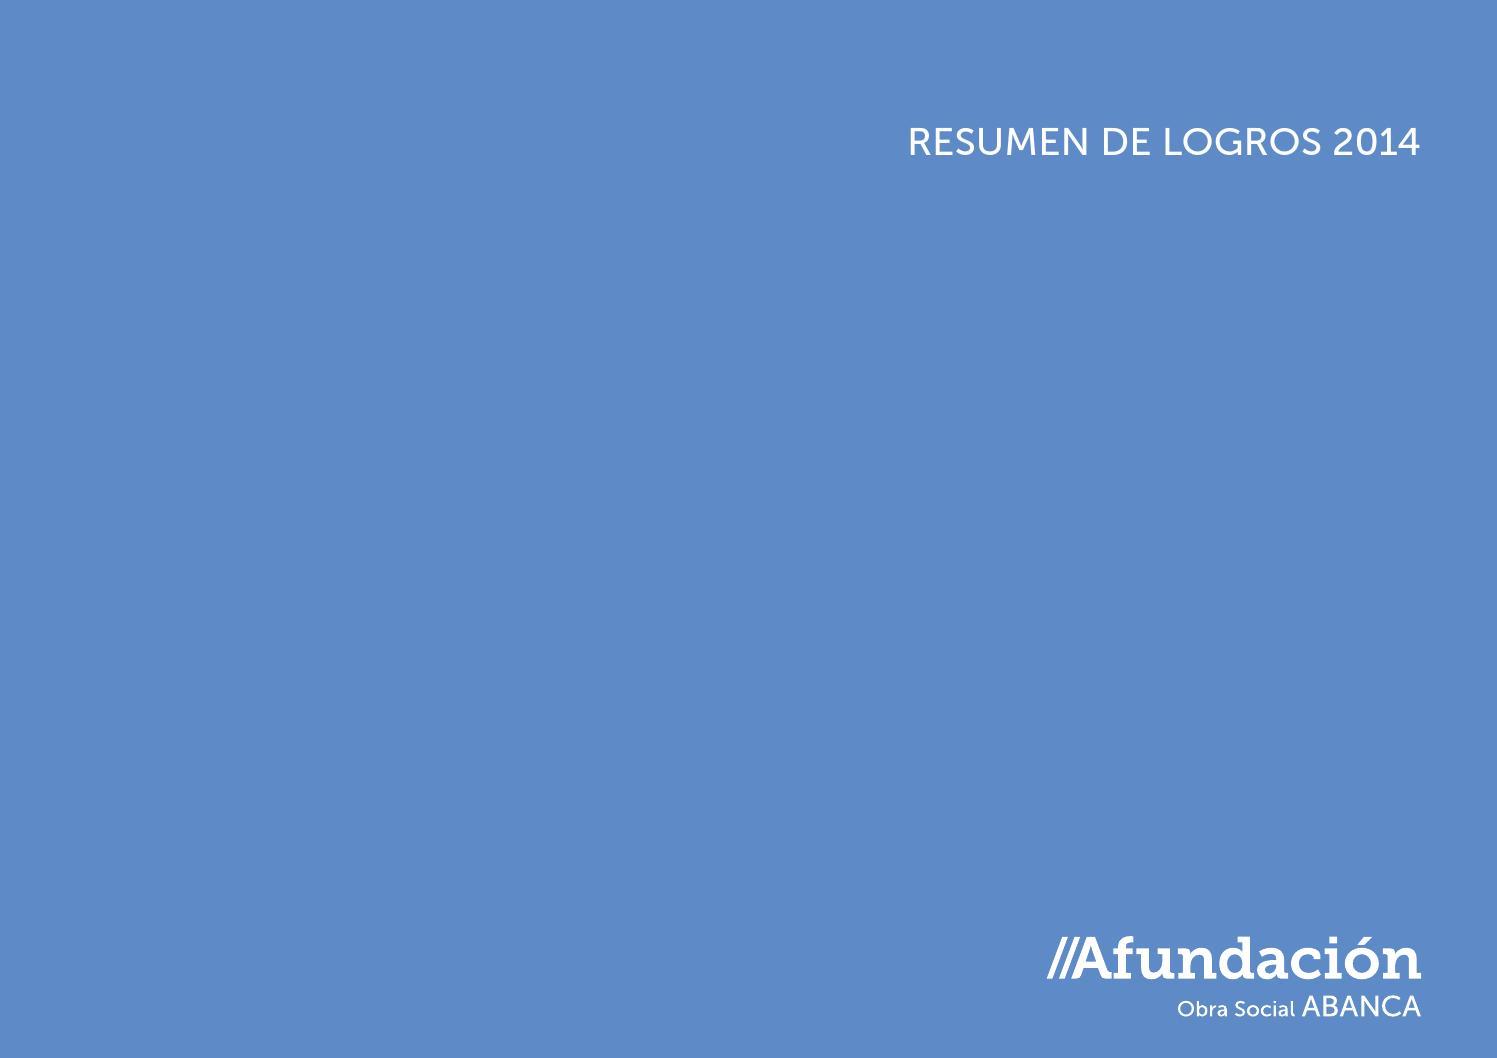 Resumen de logros 2014 by Afundación - issuu